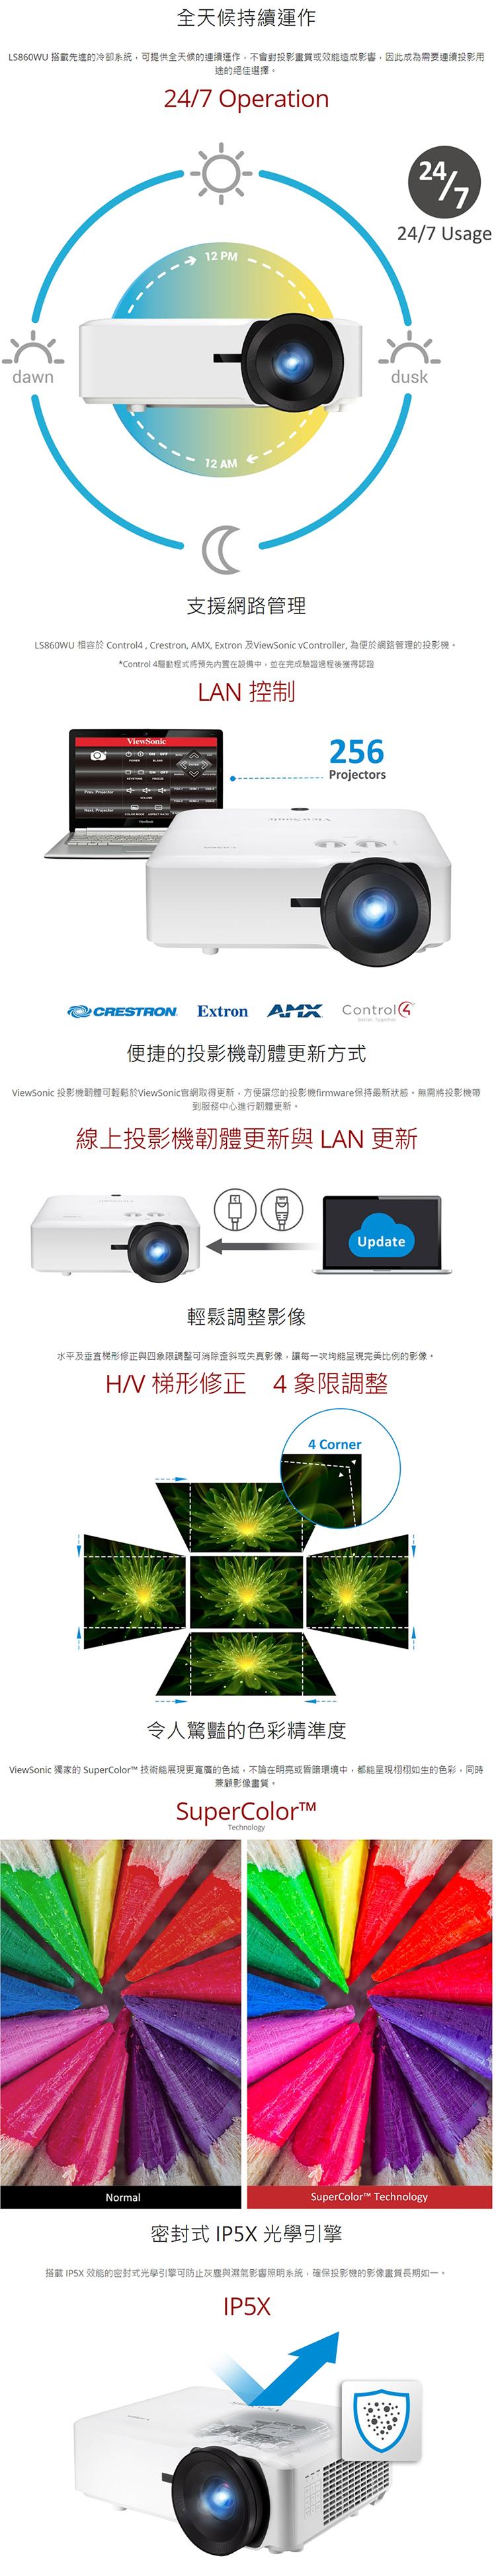 【妮可3C】 ViewSonic LS860WU 5000流明 WUXGA短焦高亮度雷射投影機  原廠保固3年